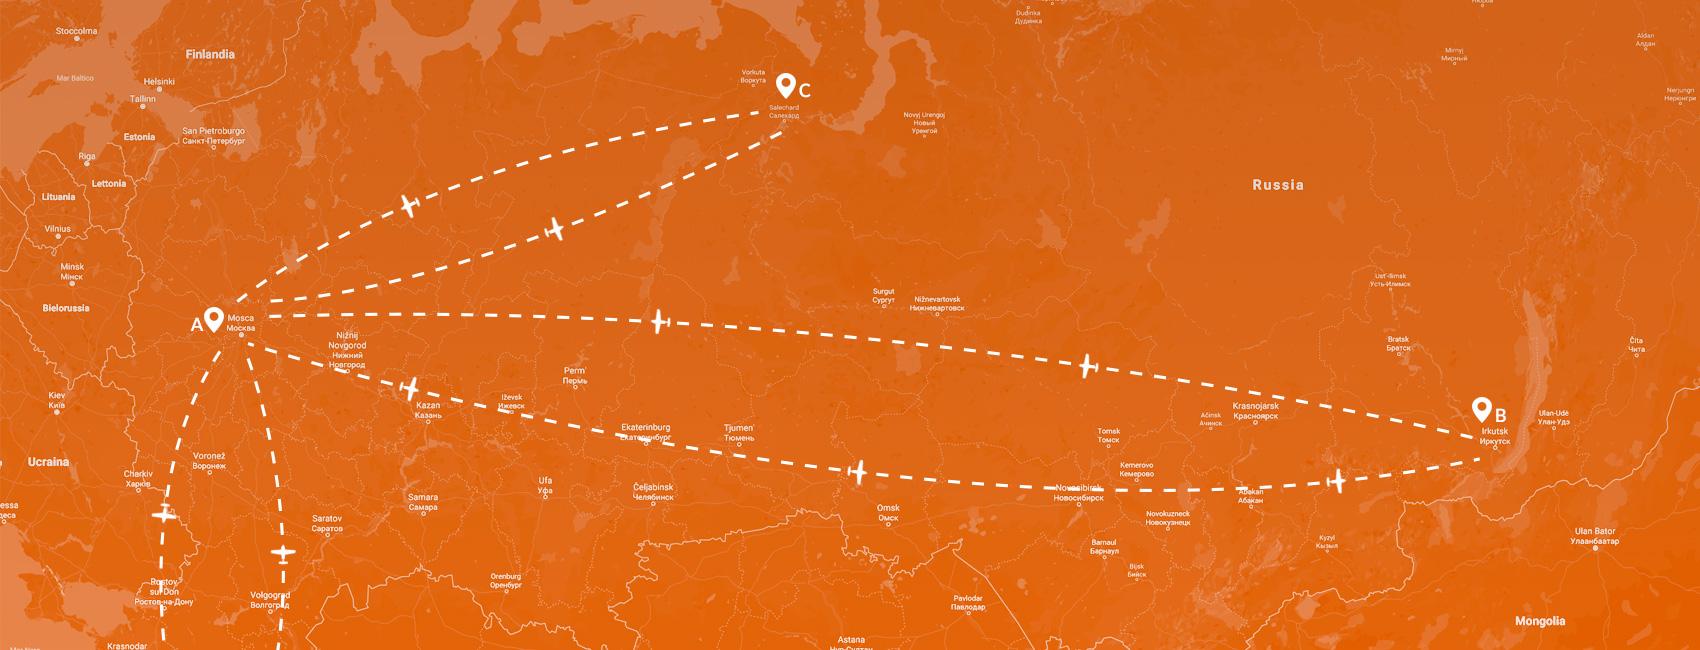 Maps - Russia-Baikal-Yamal